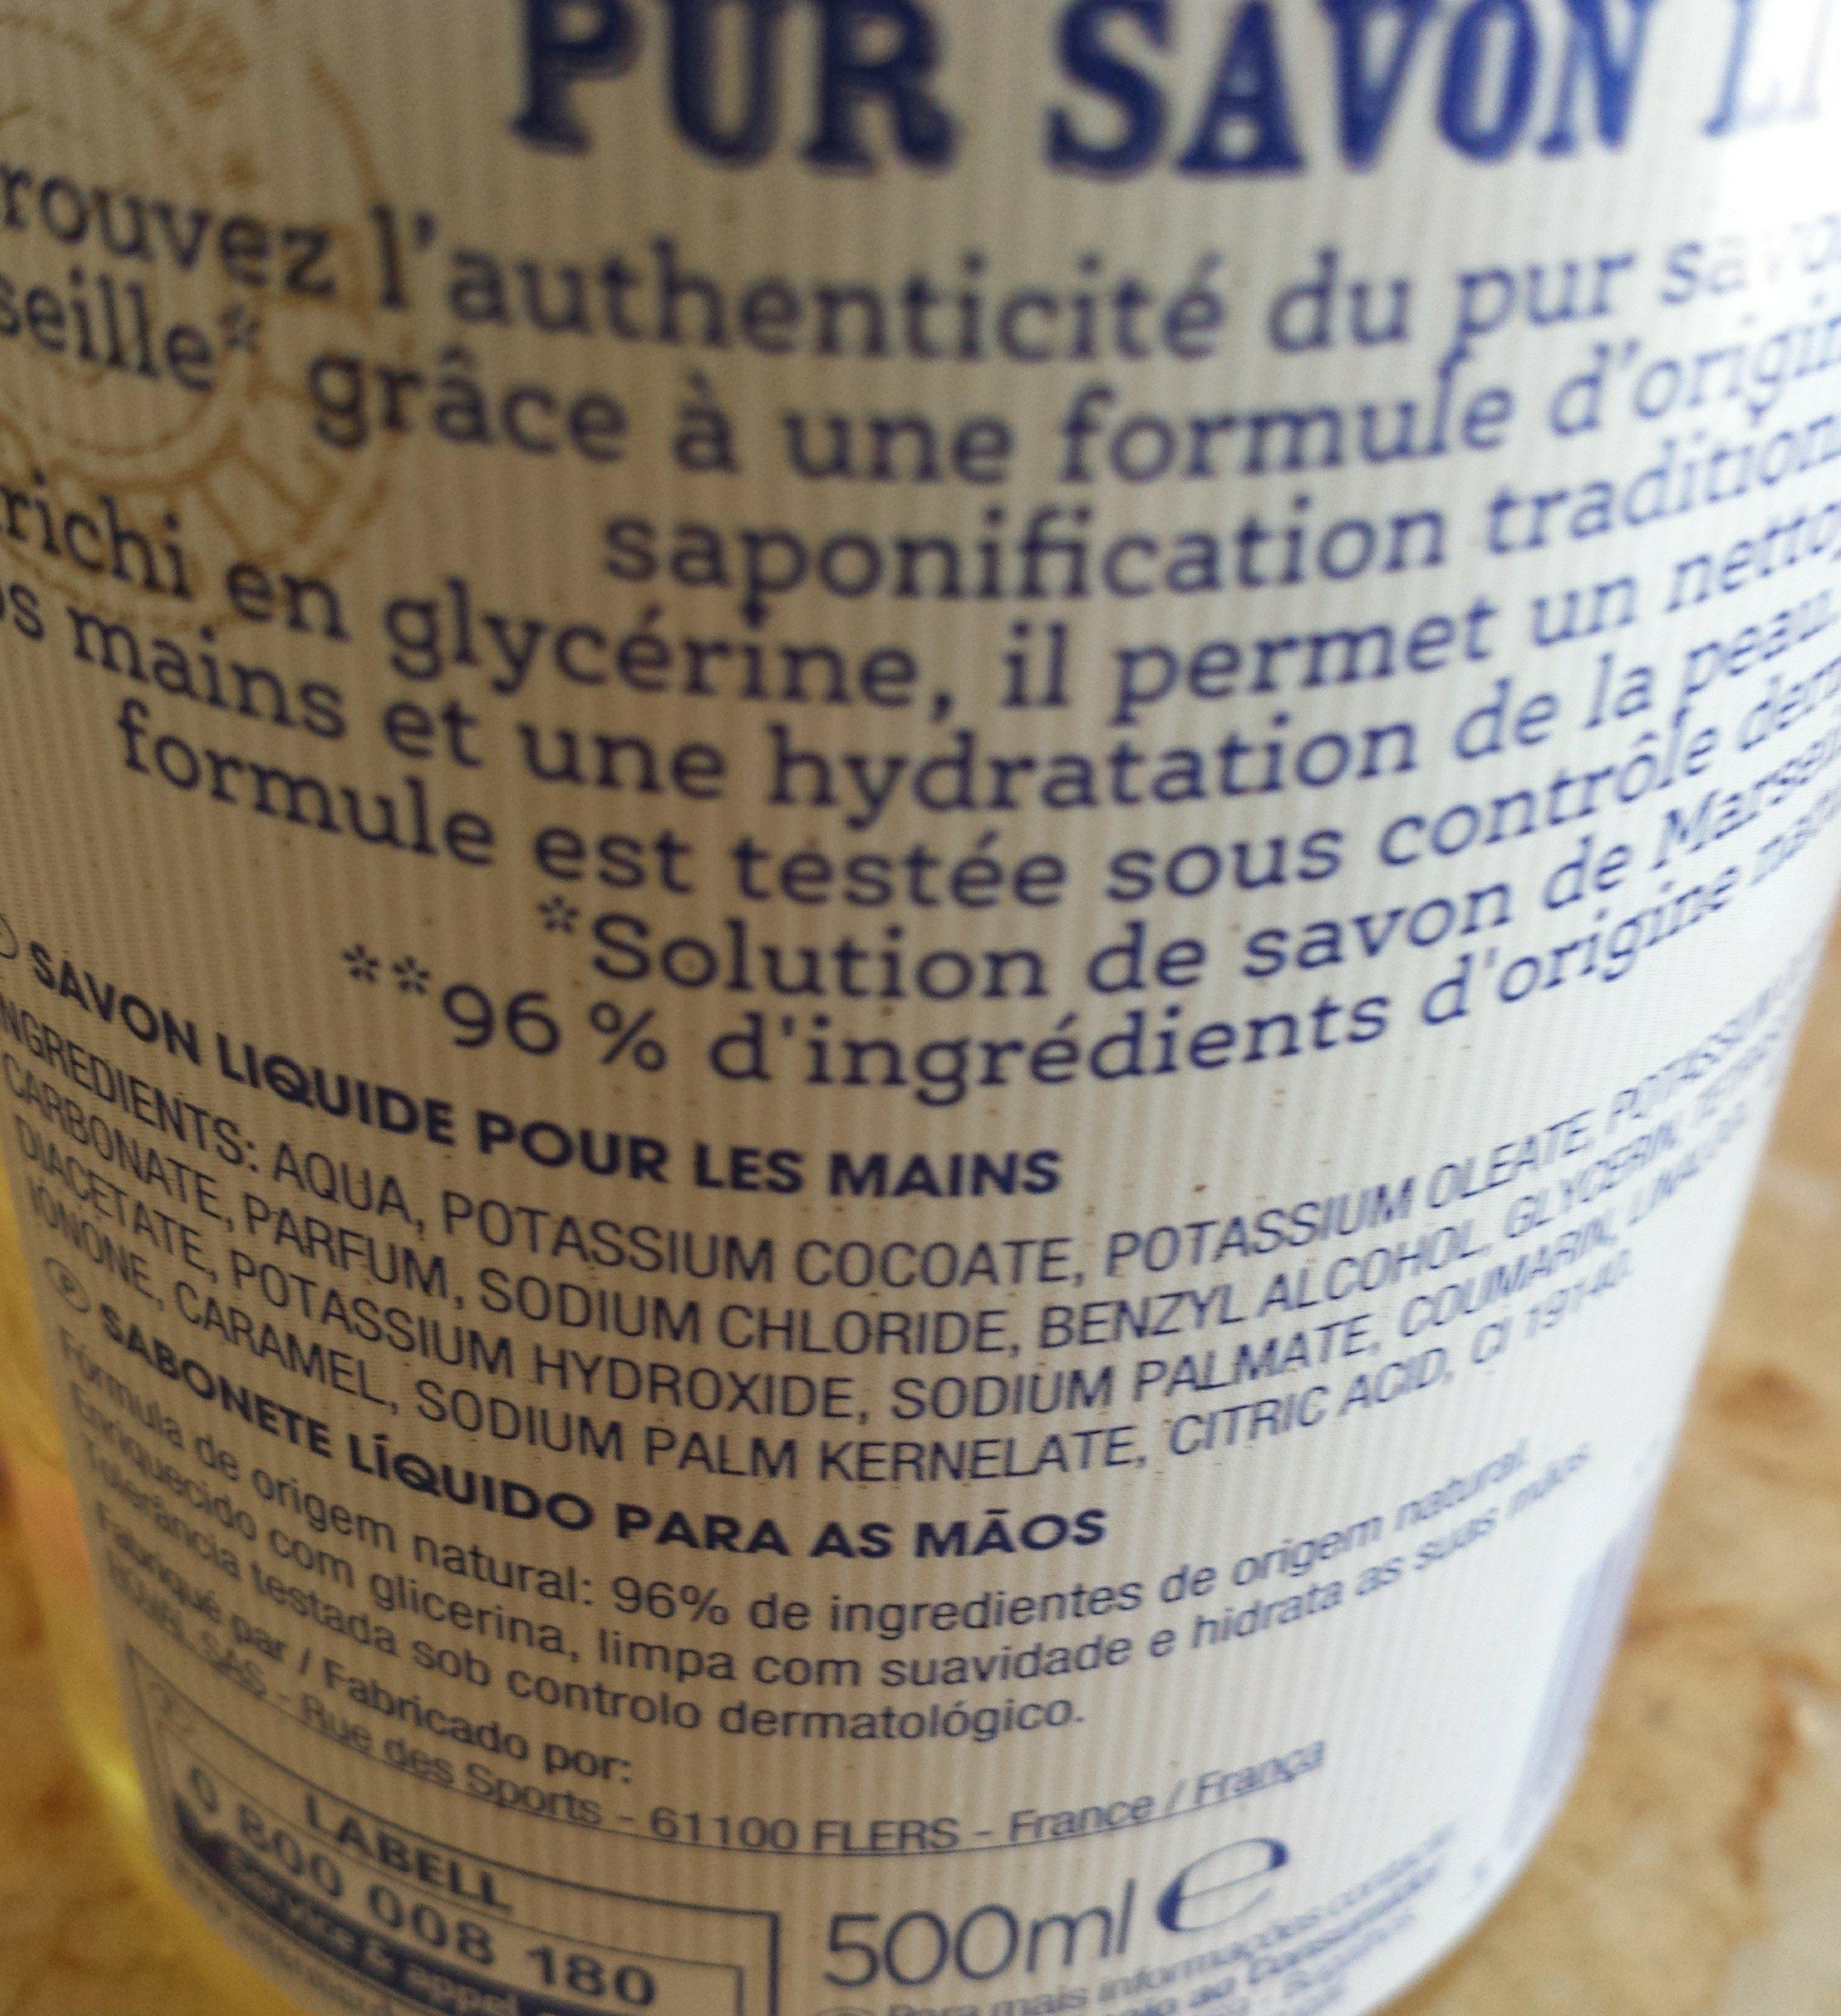 Pur savon liquide - Ingredients